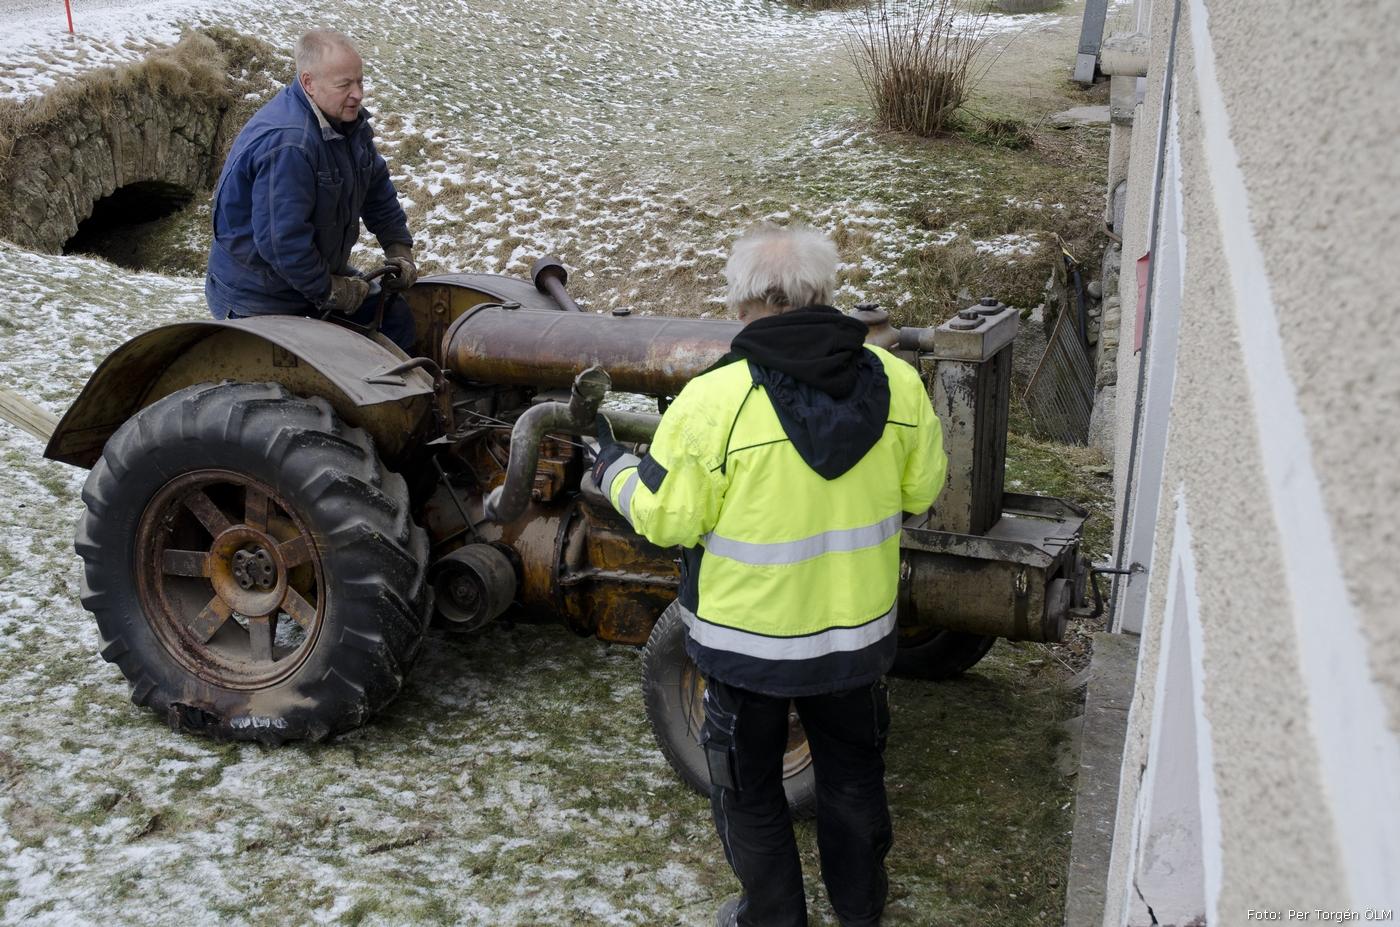 2012-02-10_101_Tekniska_kvarnen